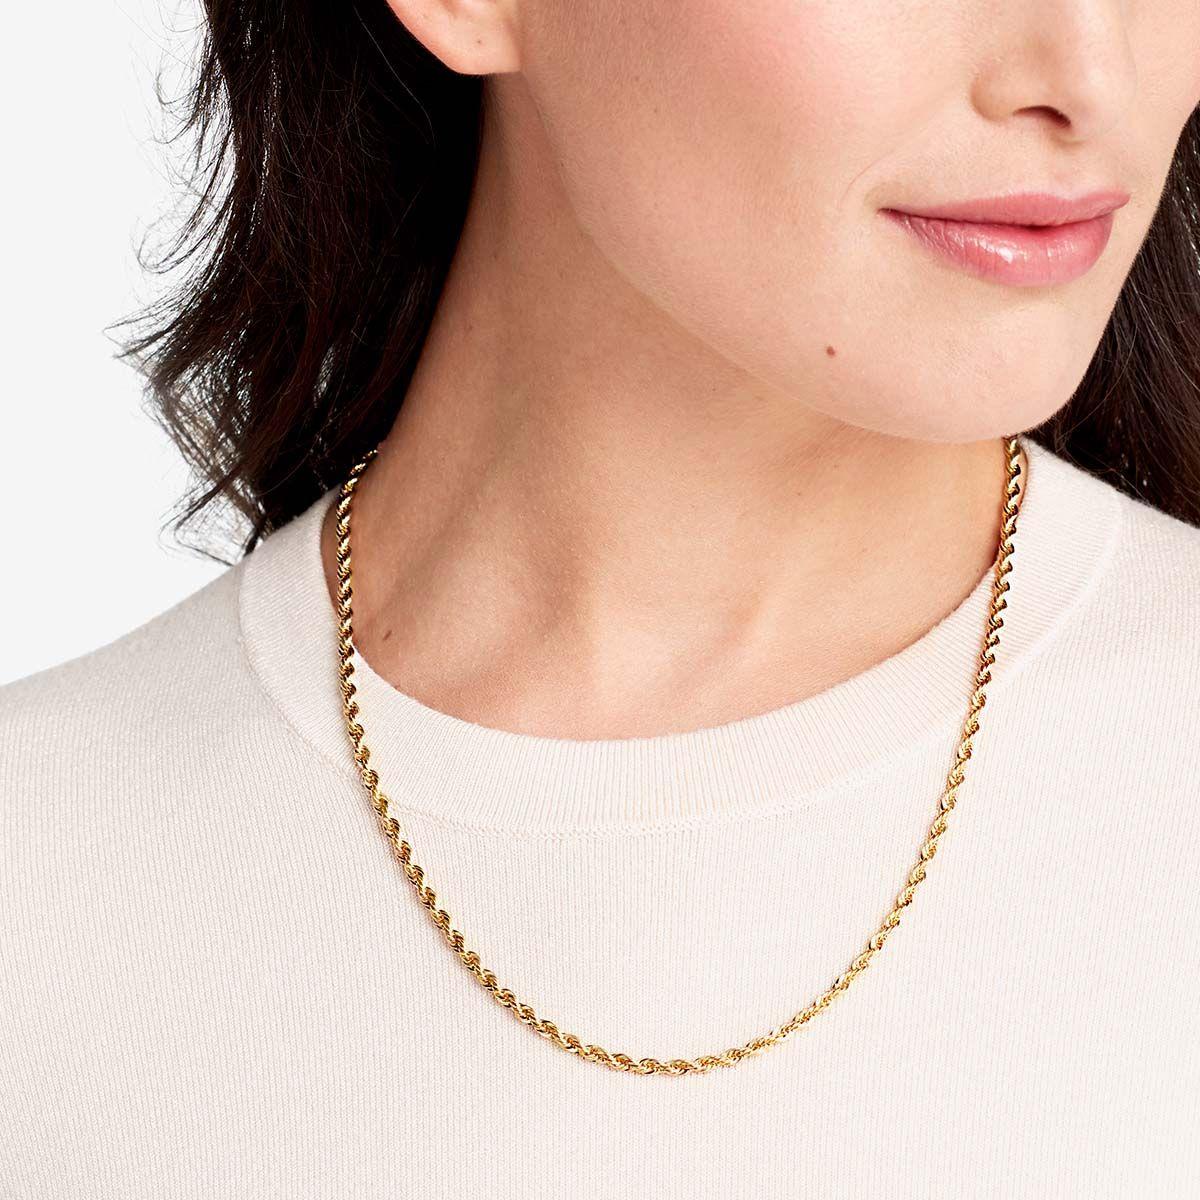 Rope Chain - Halsketten - 18k vergoldet